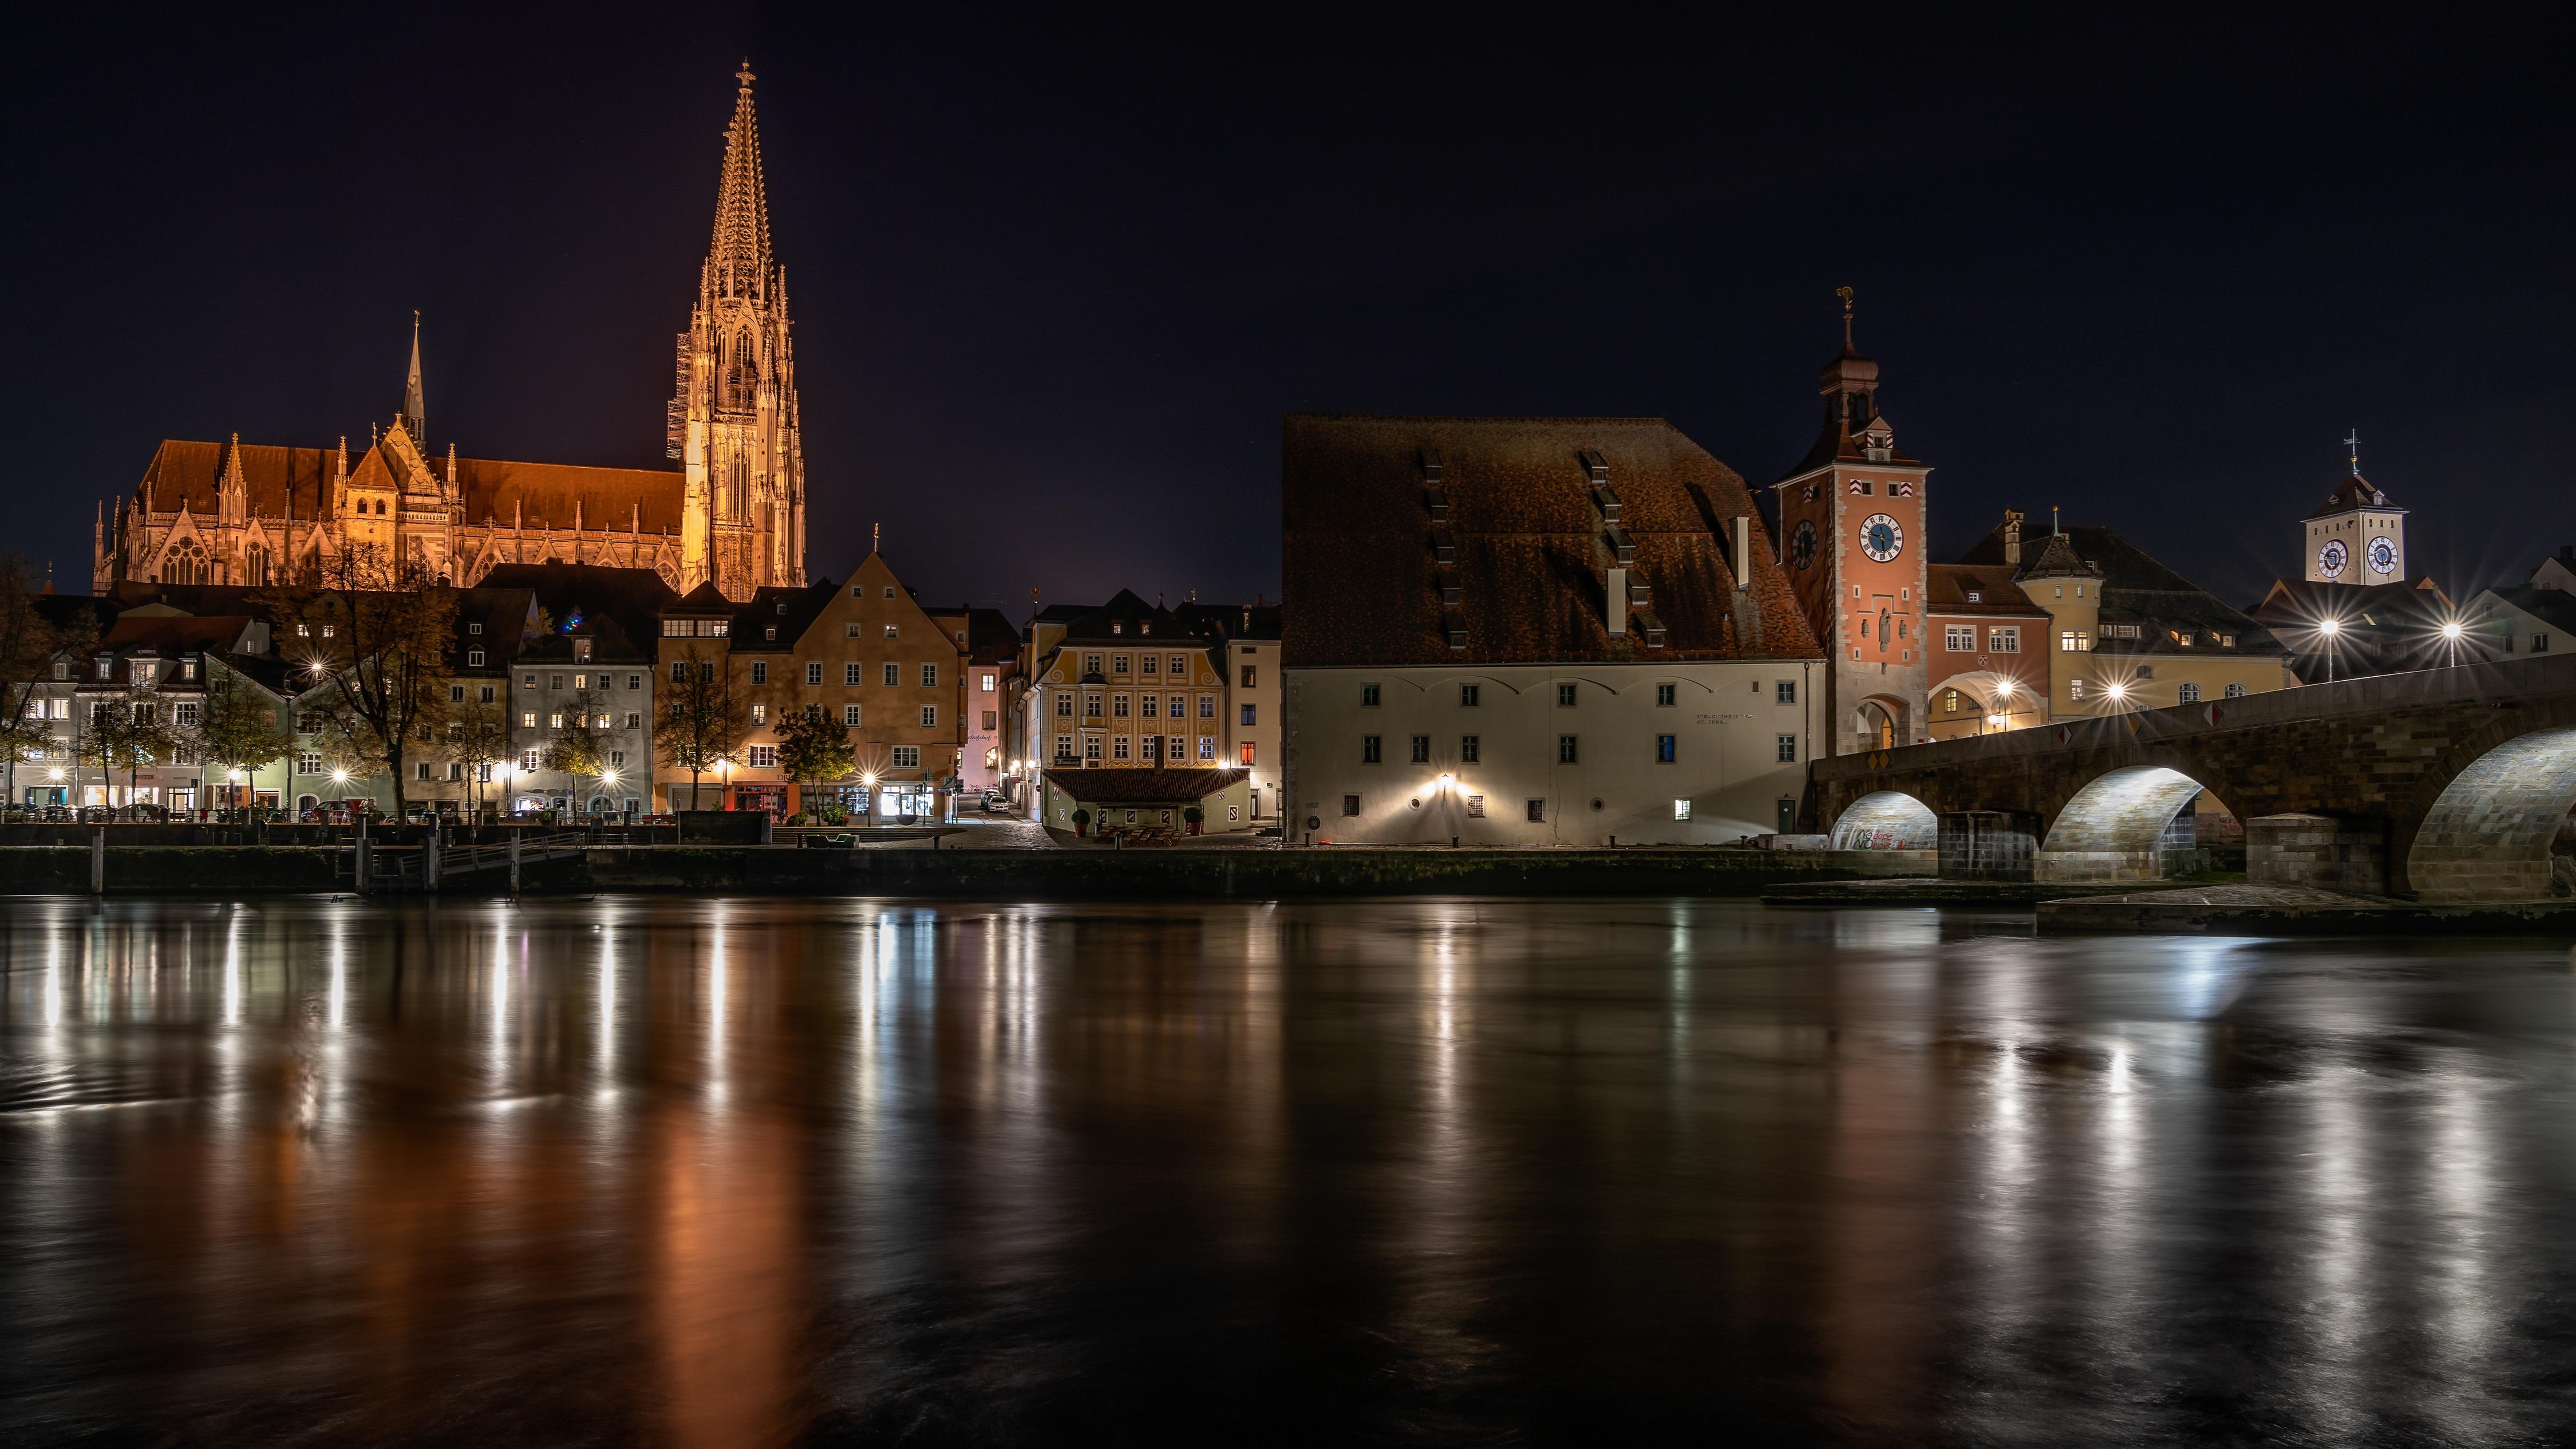 Картинка Германия Regensburg Мосты речка Ночные Города 4500x2531 мост Реки Ночь река ночью в ночи город